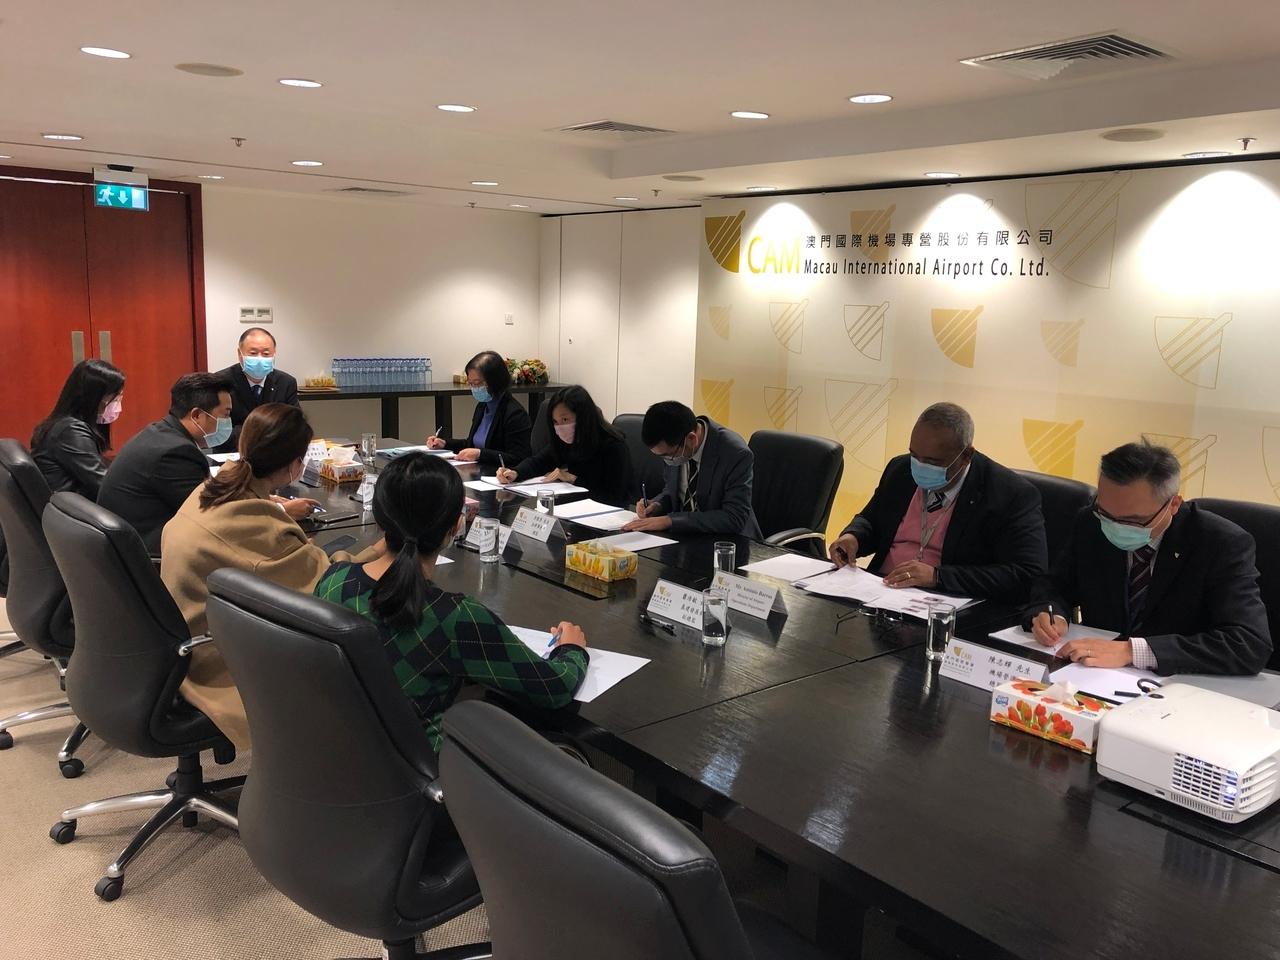 澳门机场召开防疫应变工作小组第叁次会议 做好复工阶段的准备工作